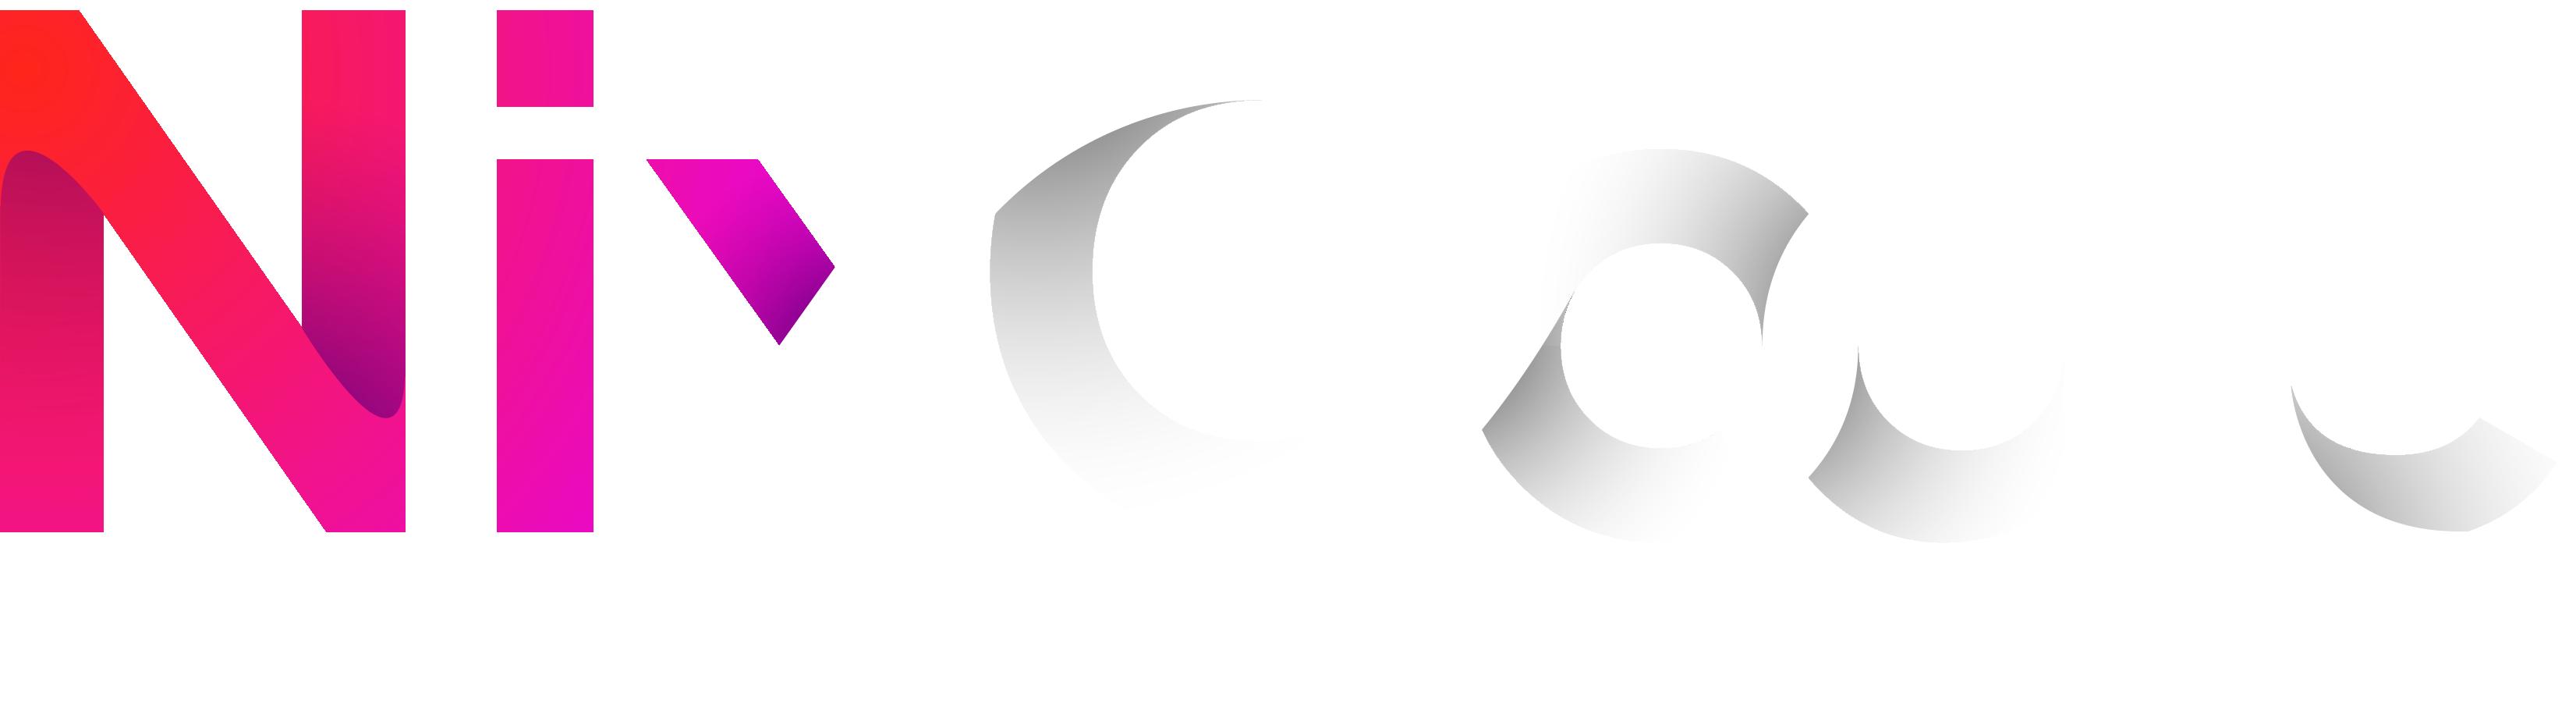 NixCode